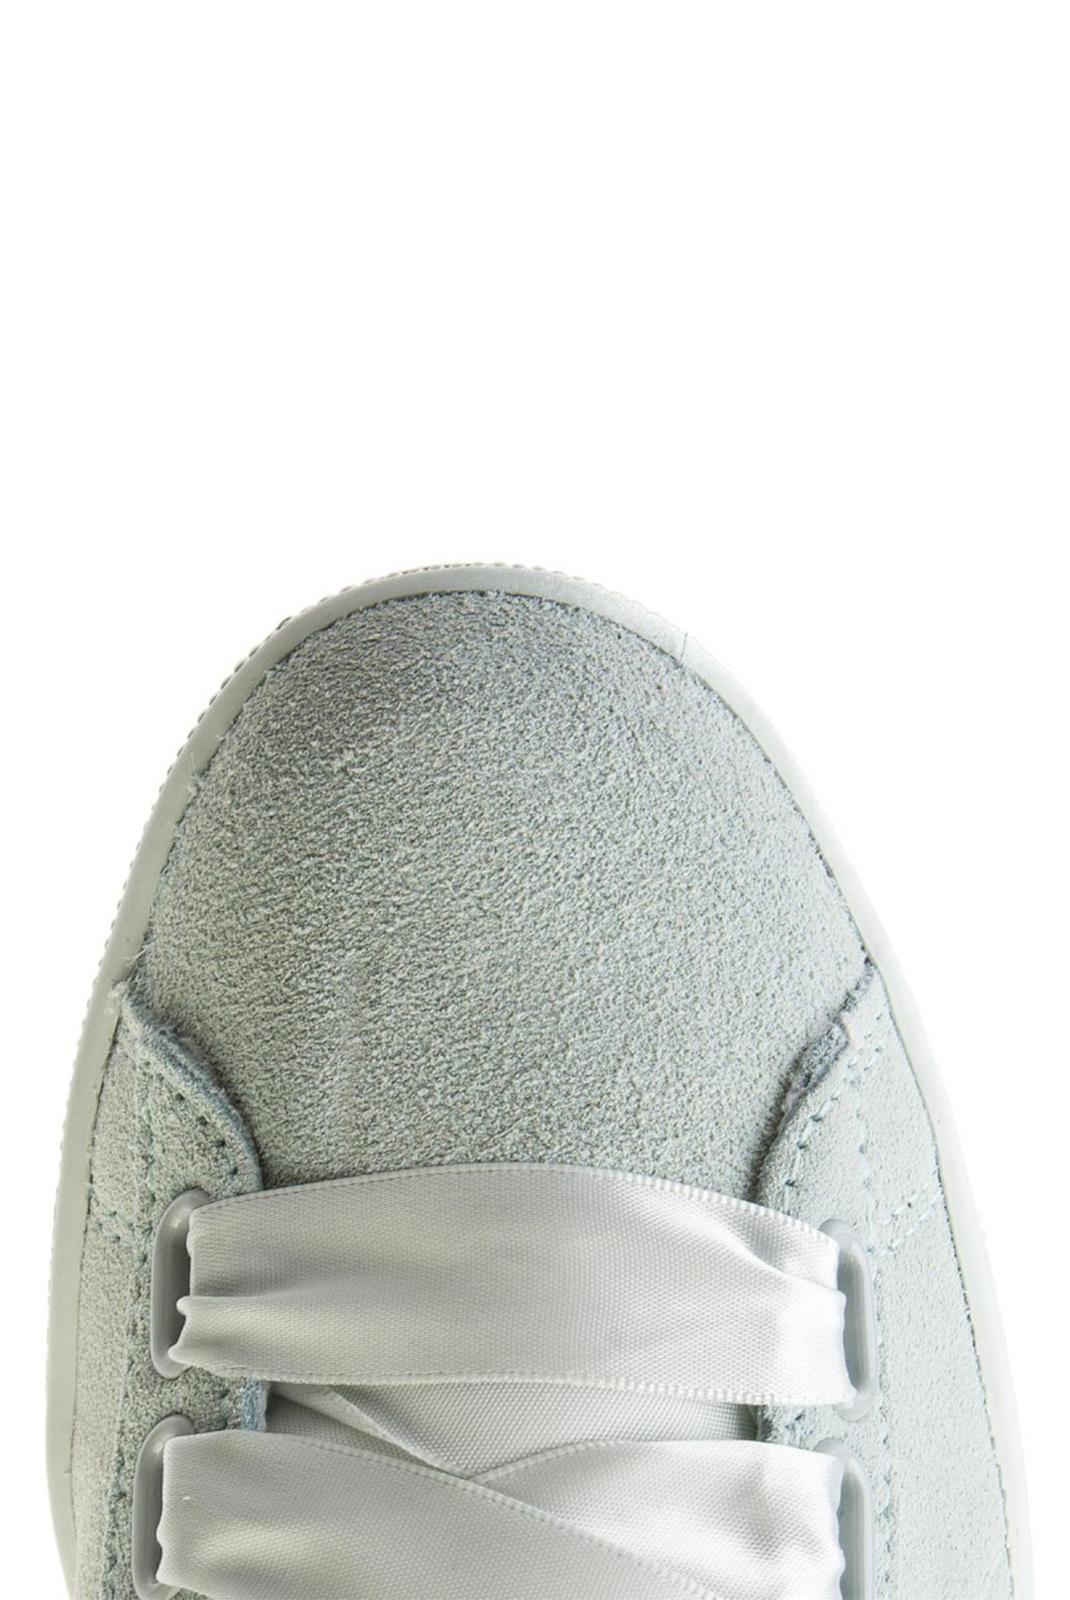 Baskets / Sneakers  Puma 366416 02 BLUE FLOWER